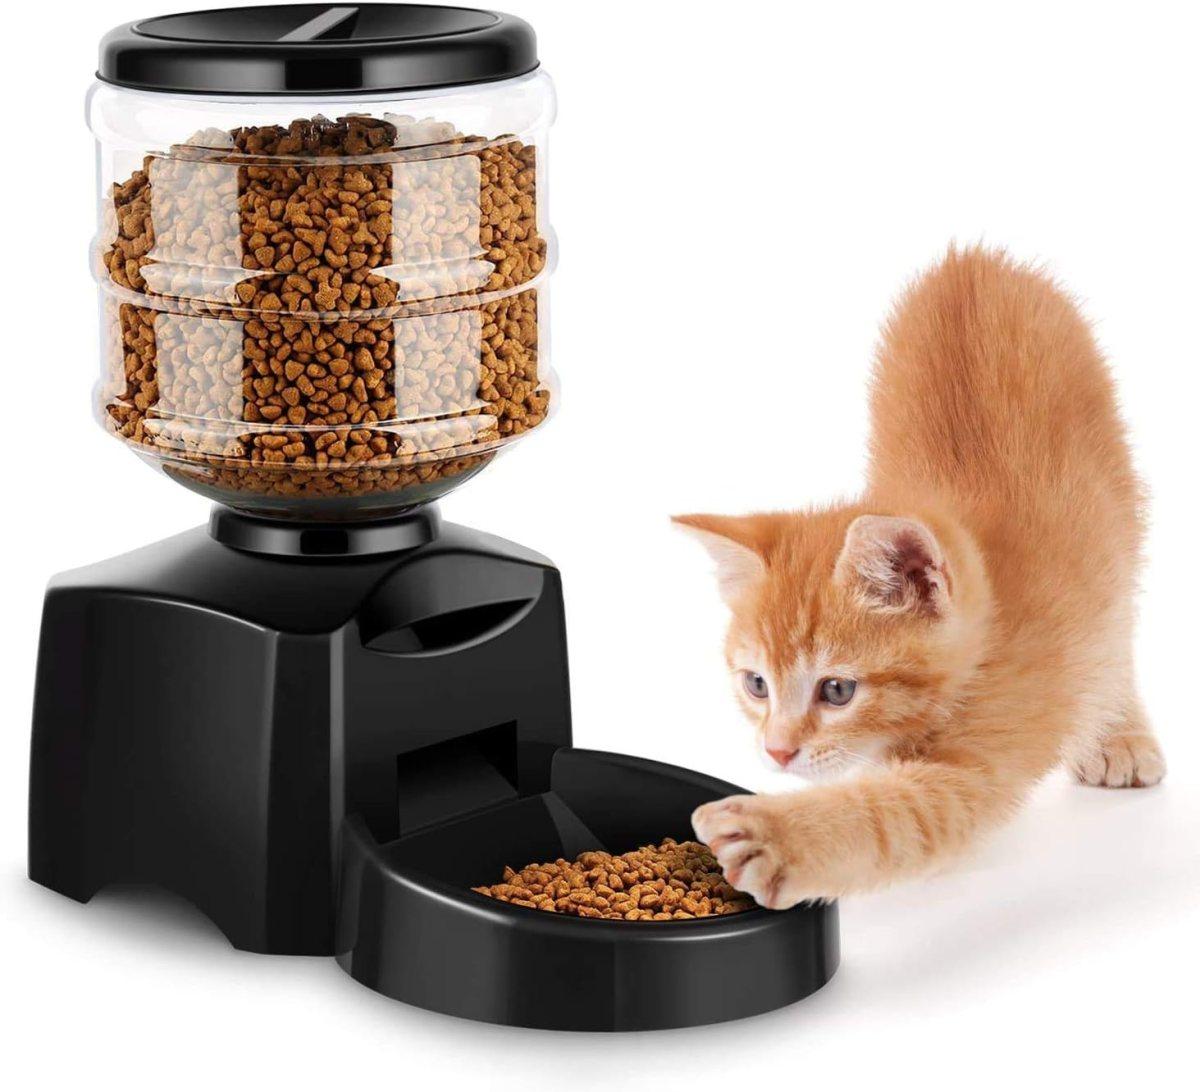 Comedero Automático Gatos y Perros 5.5L, Alimentador de Mascotas con Pantalla LCD, Dispensador con Función de Grabación